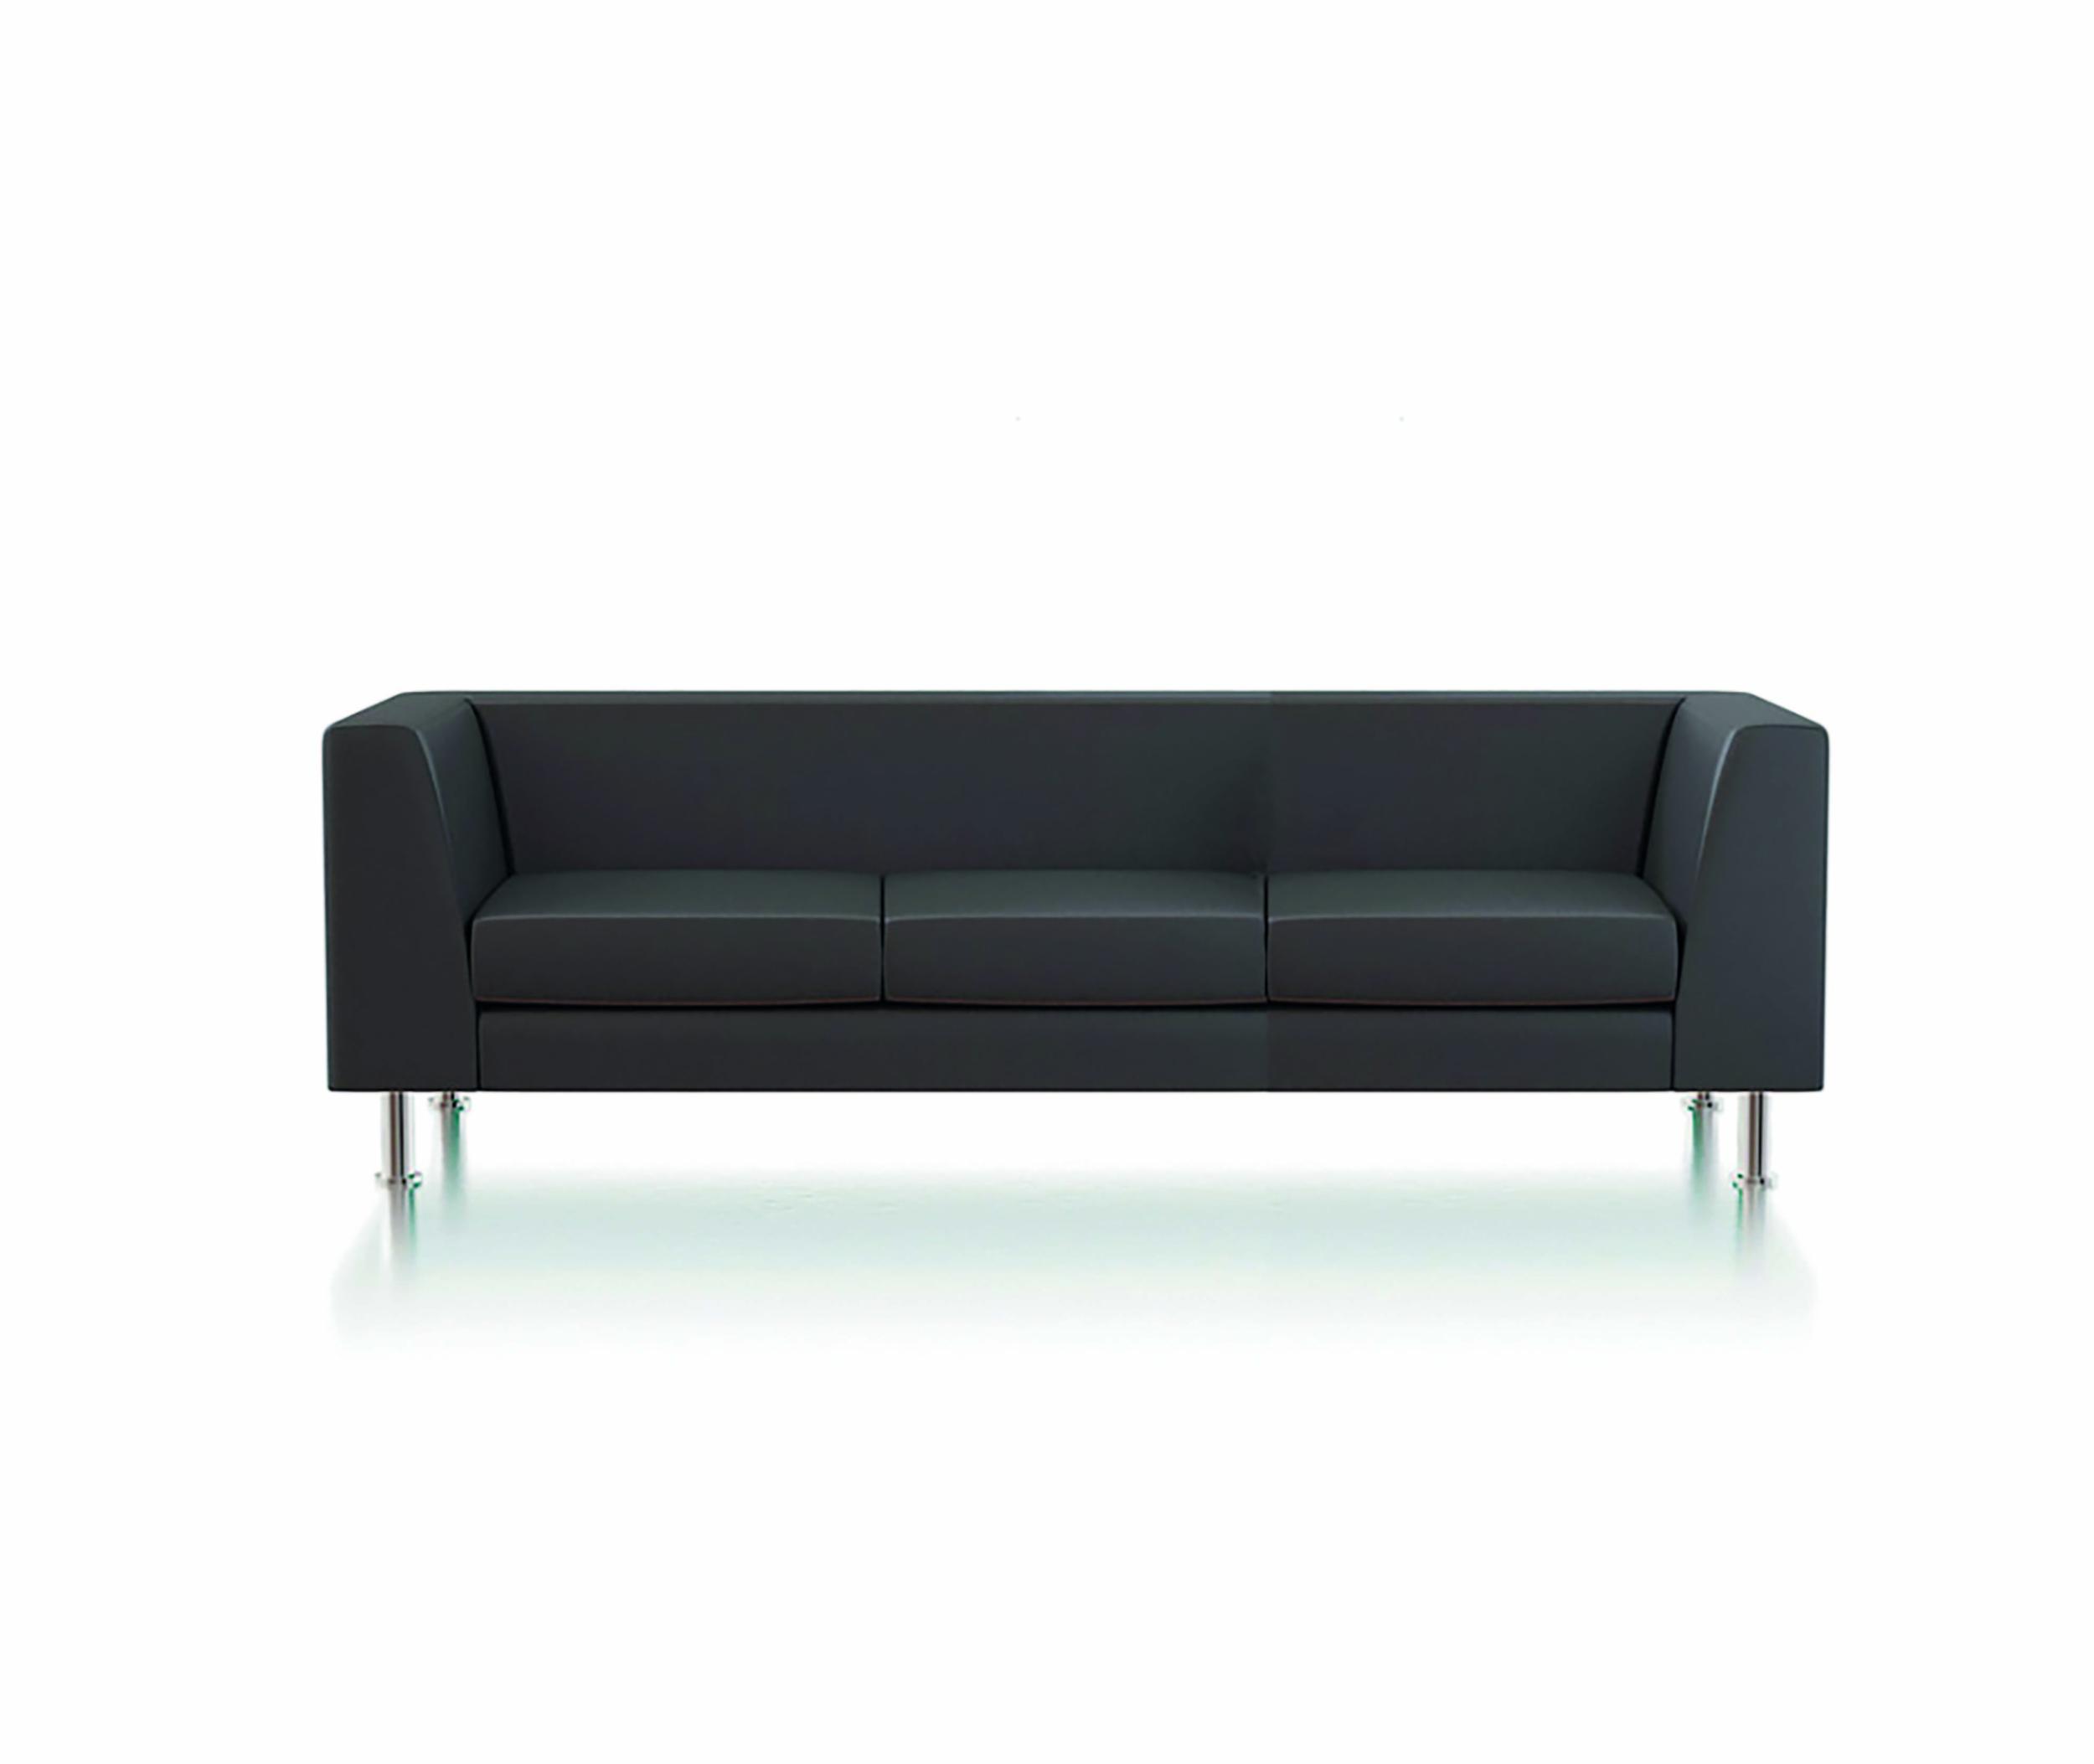 Canapé Lounge 3 personnes